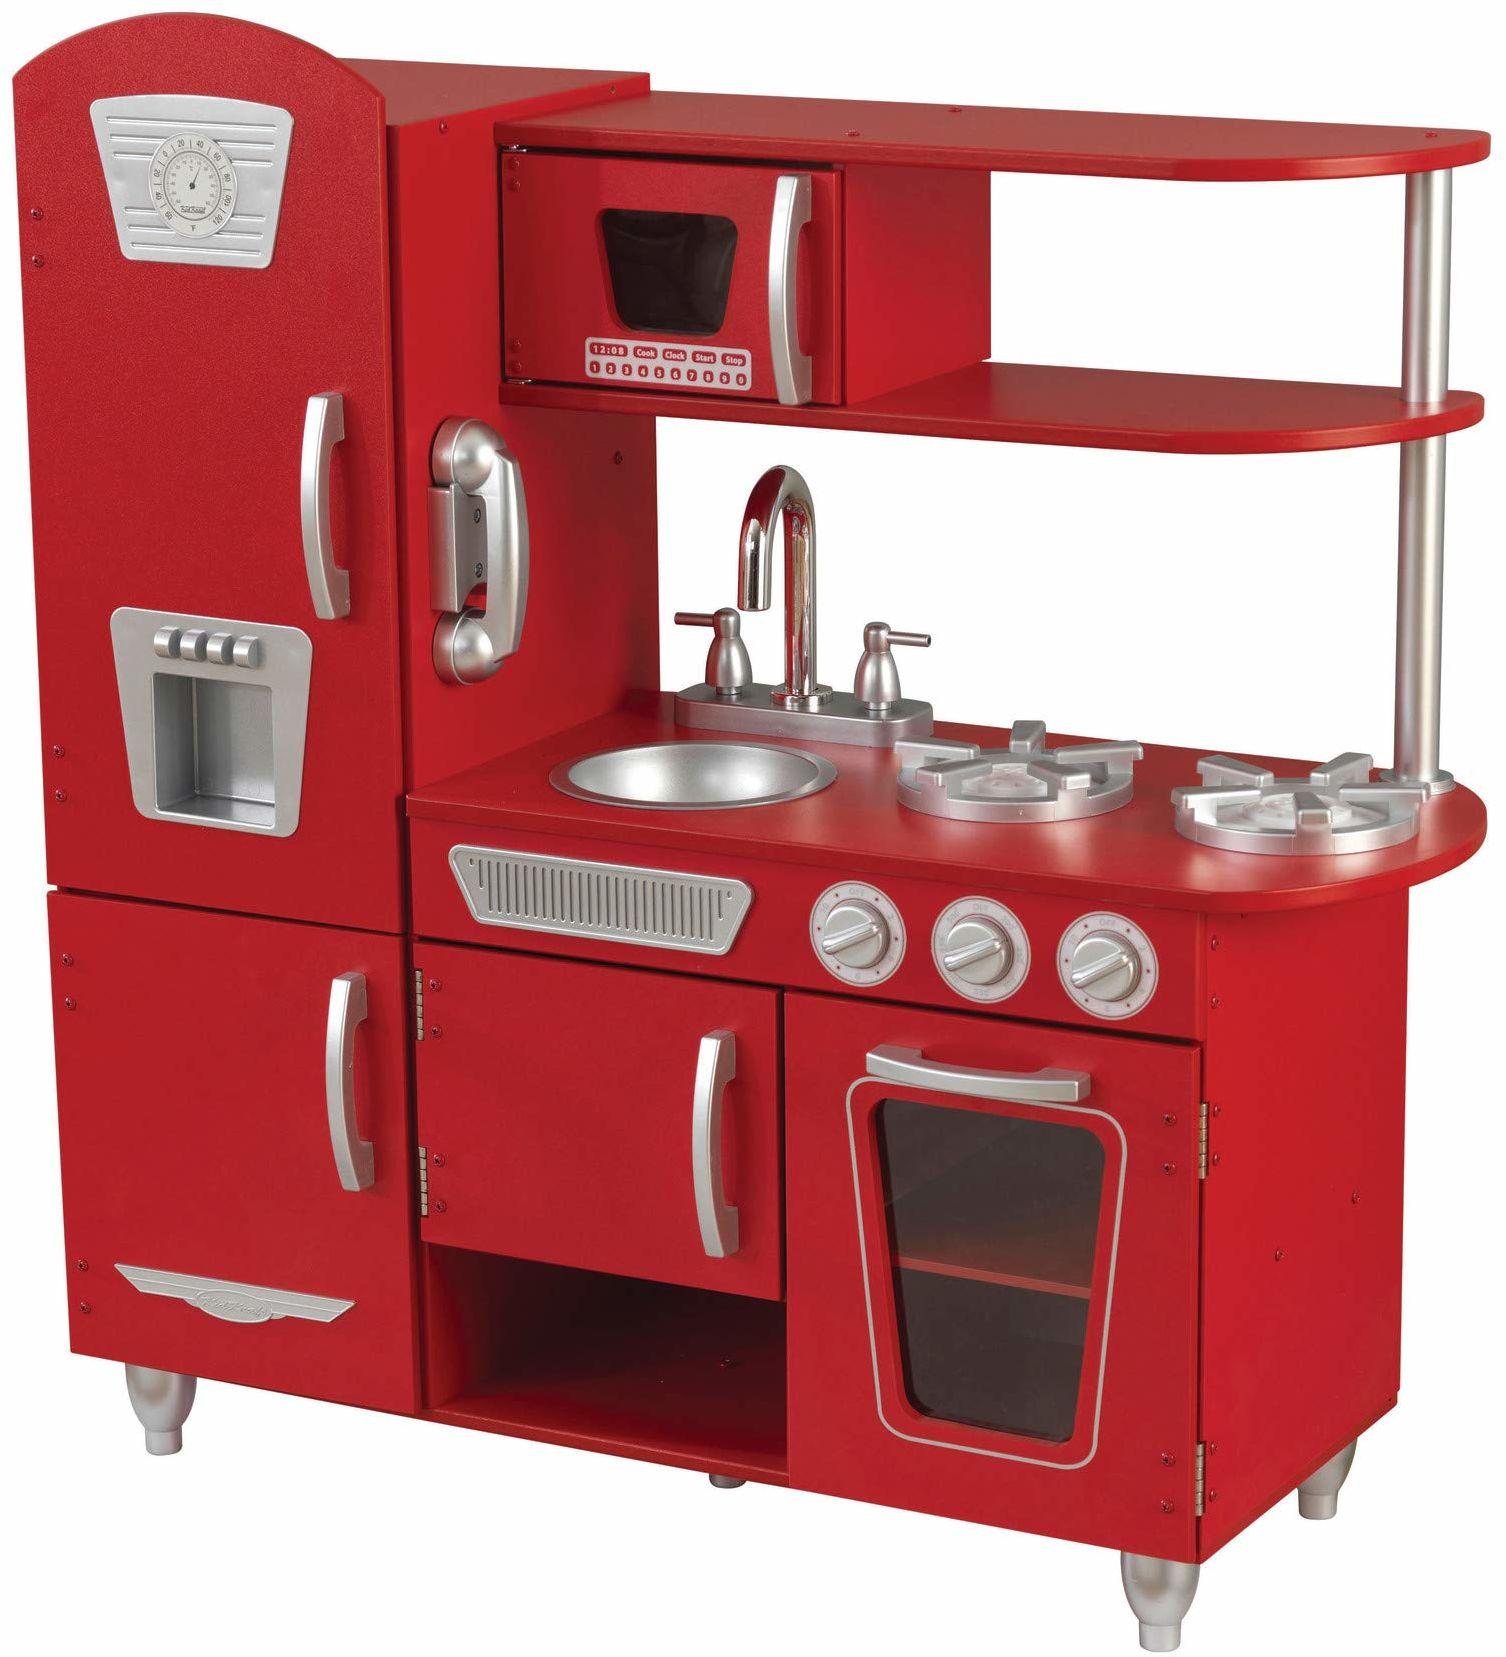 KidKraft 53173 kuchnia do zabawy w stylu vintage, z drewna, czerwona